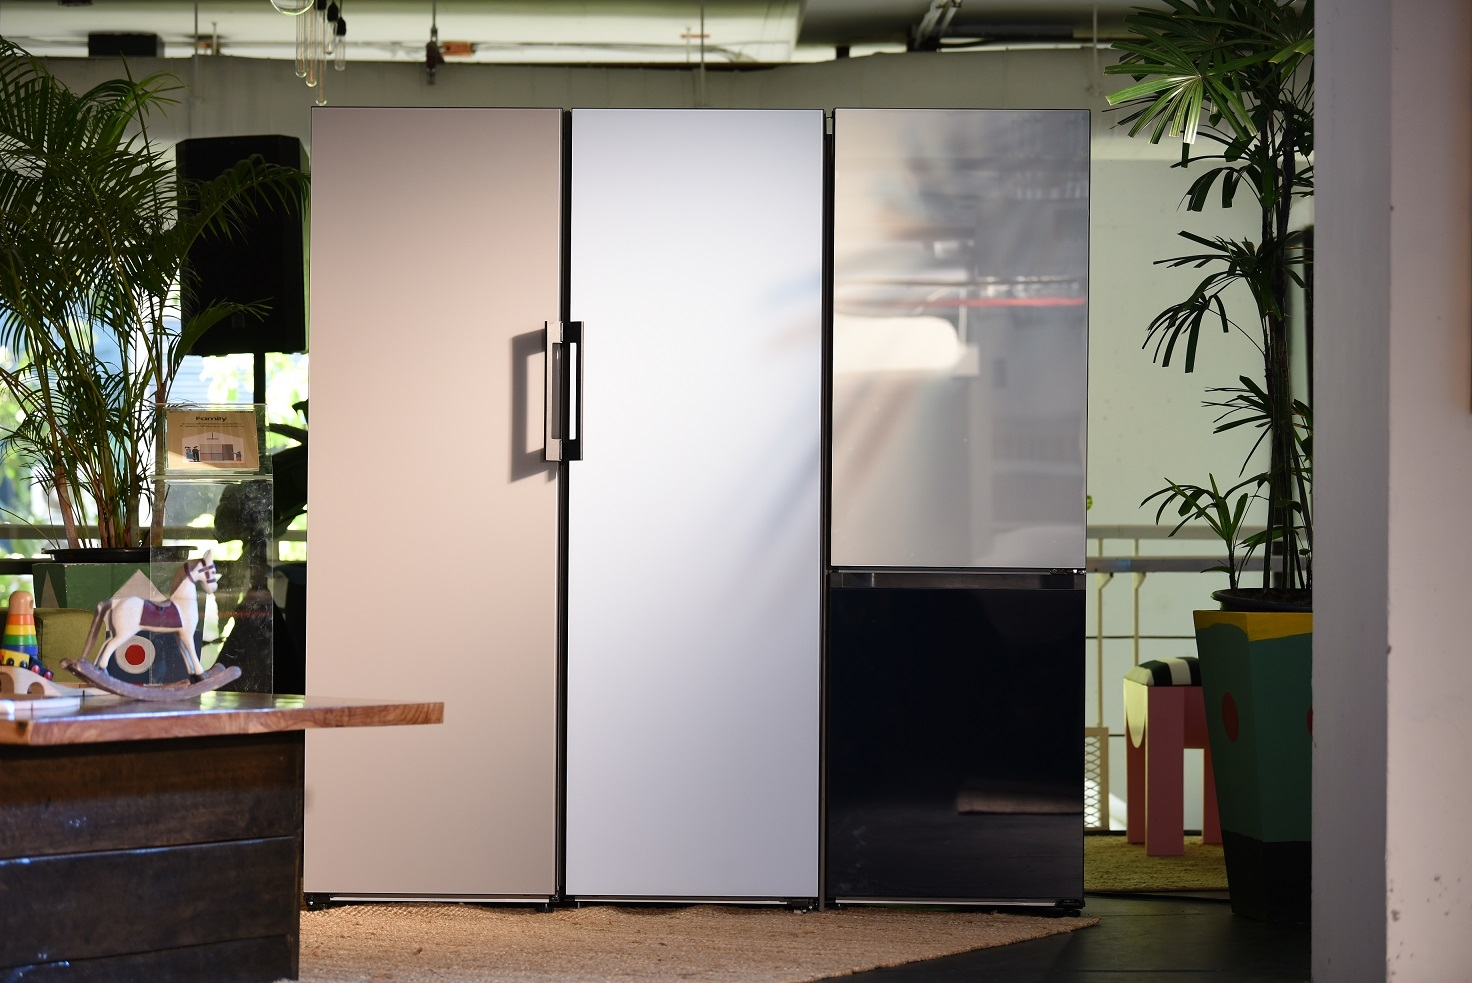 """ตอบโจทย์ทุกจินตนาการในห้องครัวกับ """"Bespoke"""" ตู้เย็นยุคใหม่จากซัมซุงผ่านมุมมอง 'แก๊ป-ธนเวทย์ สิริวัฒน์ธนกุล' นักออกแบบหัวสมัยใหม่"""